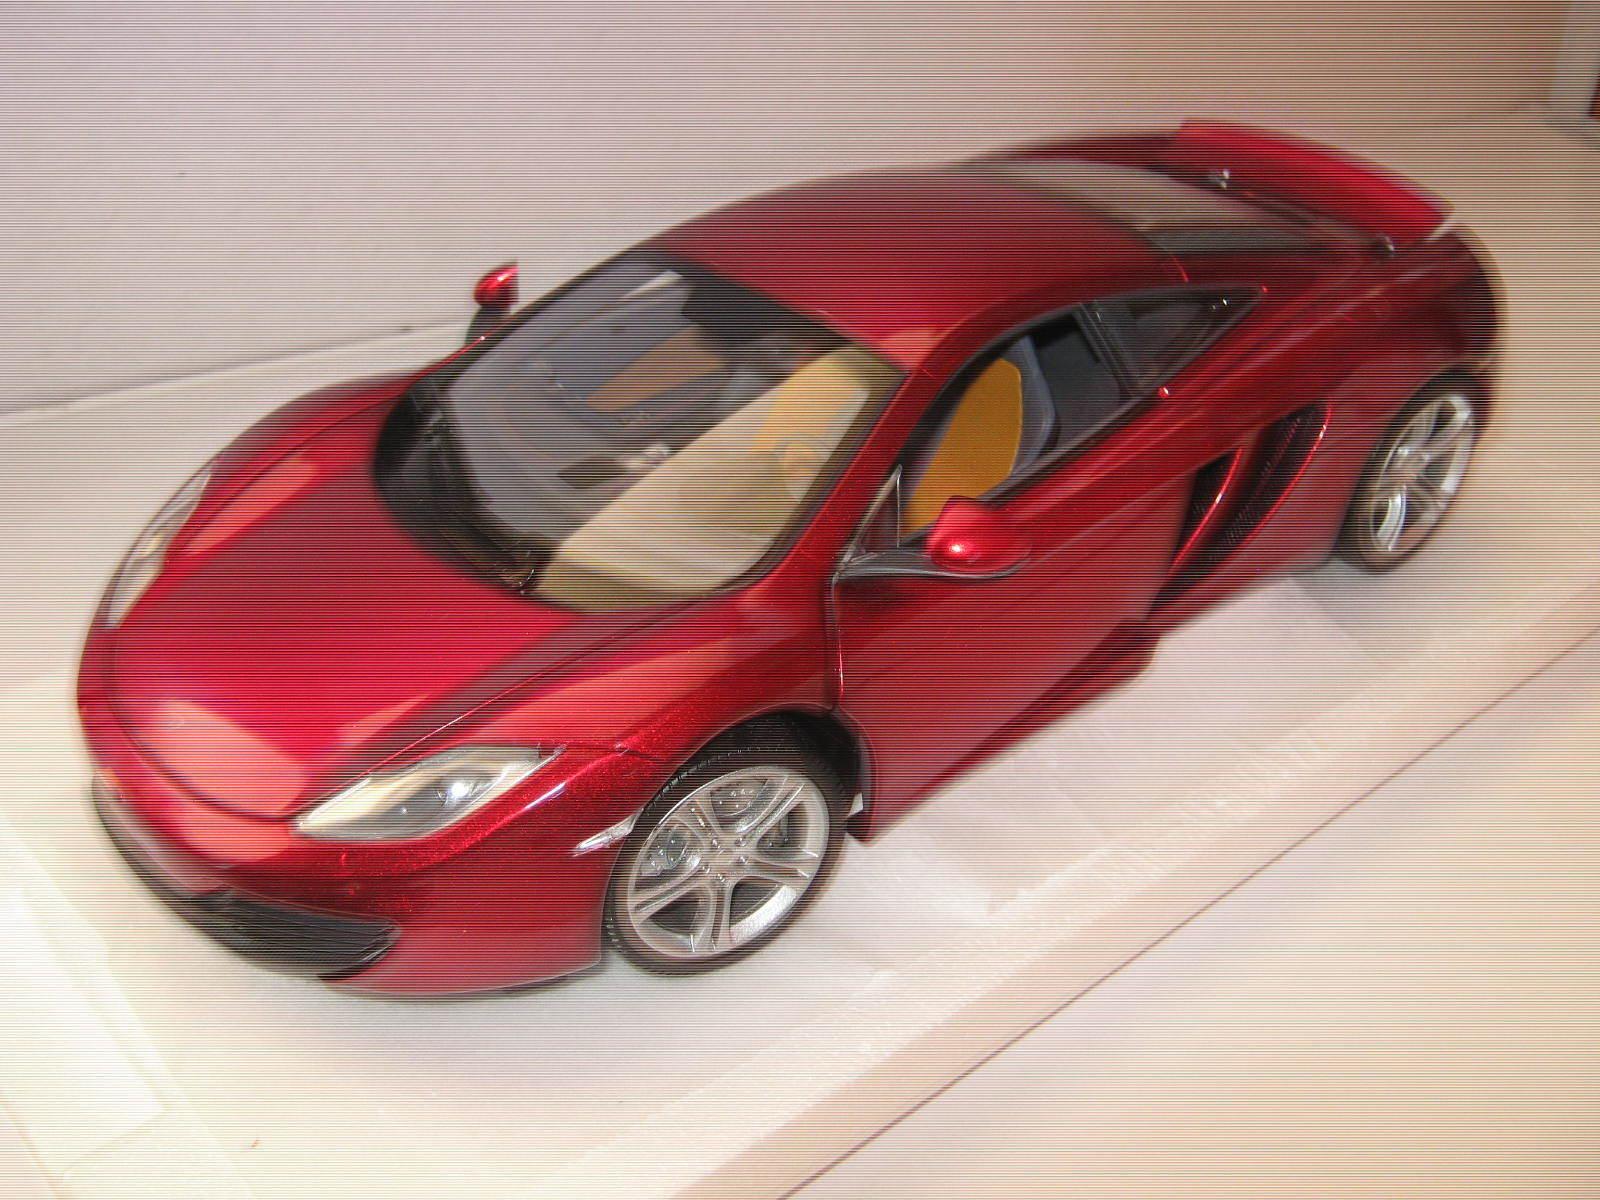 1 18 McLaren mp4 12c 2011 rouge met. 1 of 750 L.E. Minichamps 110133022 OVP New